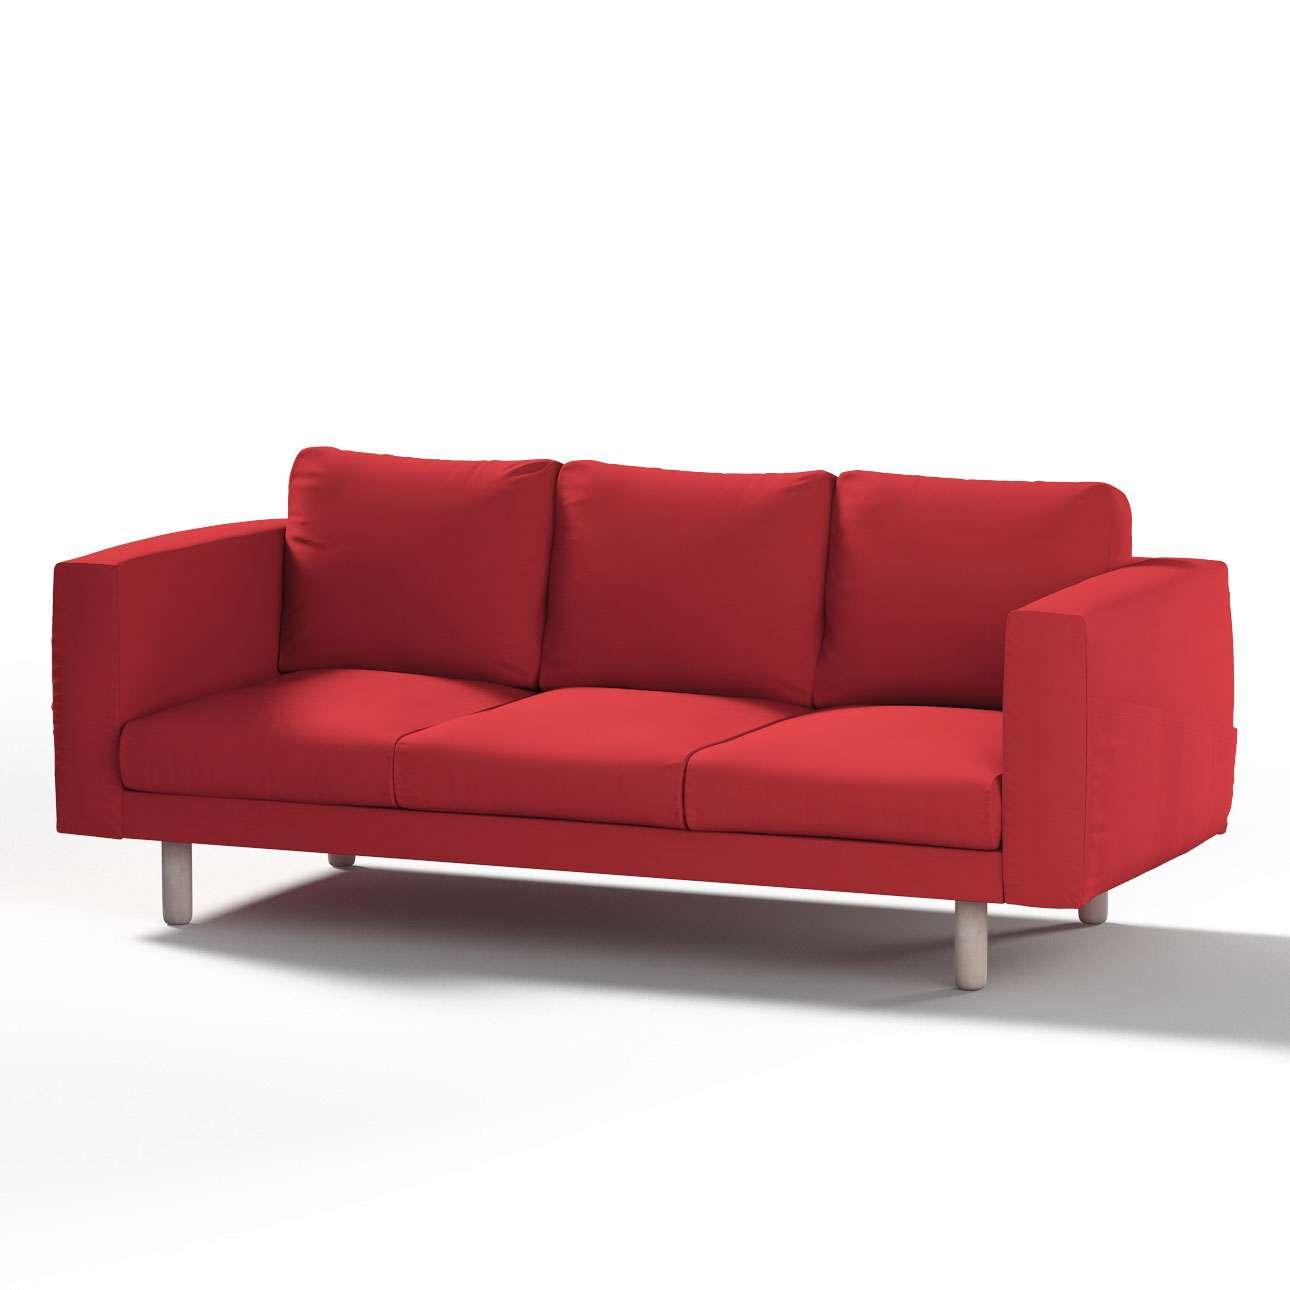 Pokrowiec na sofę Norsborg 3-osobową w kolekcji Cotton Panama, tkanina: 702-04